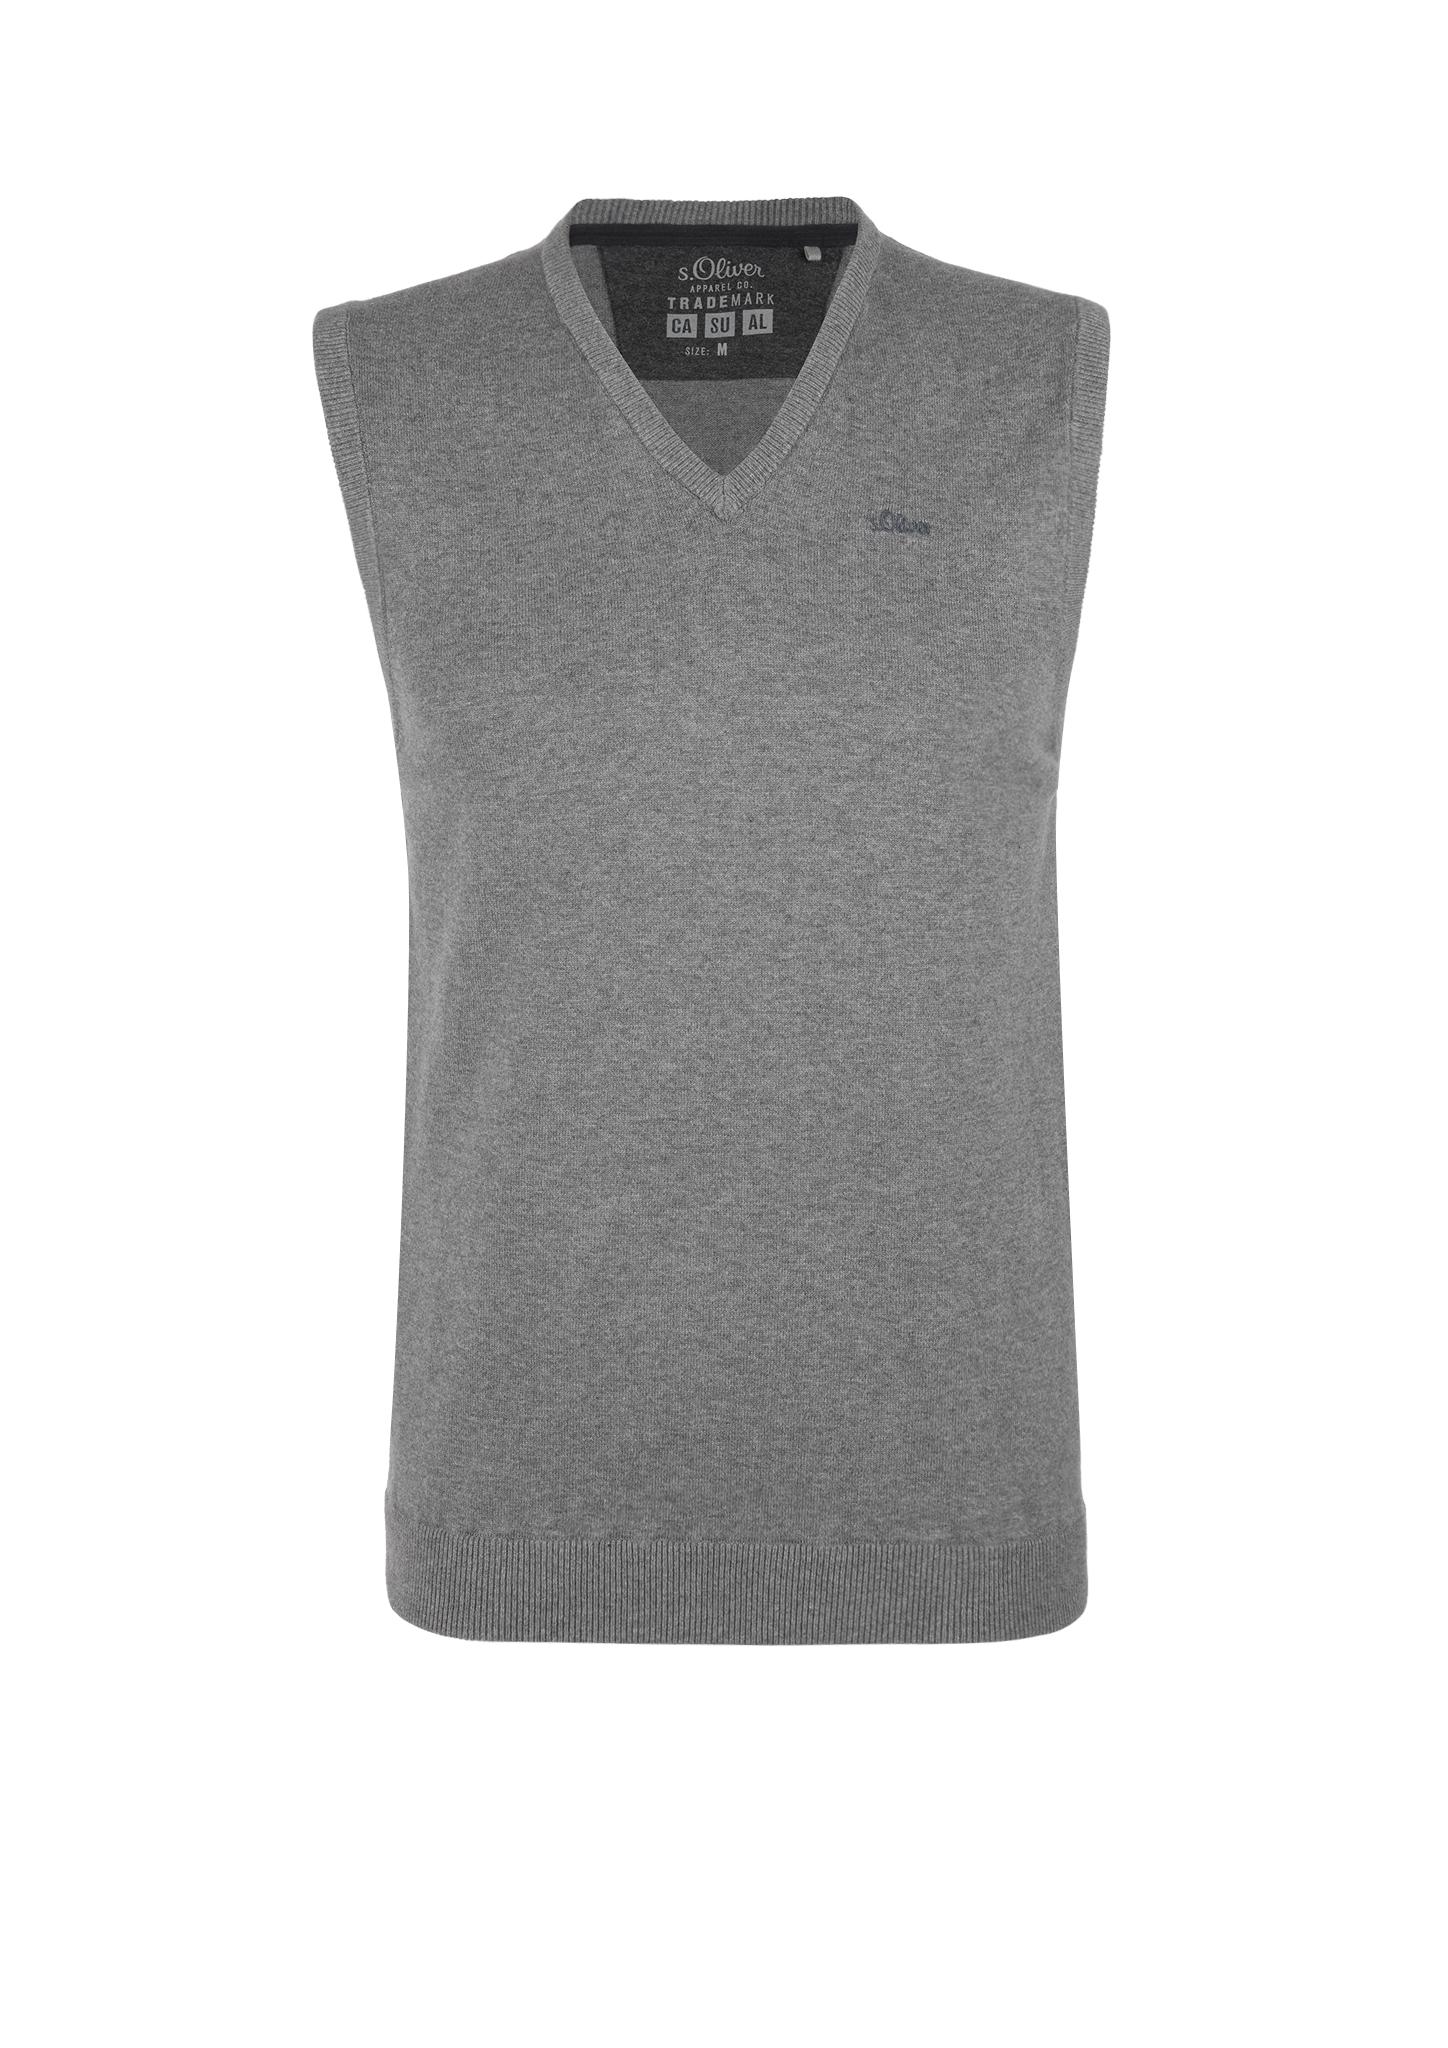 Pullunder | Bekleidung > Pullover > Pullunder | Grau/schwarz | 100% baumwolle | s.Oliver